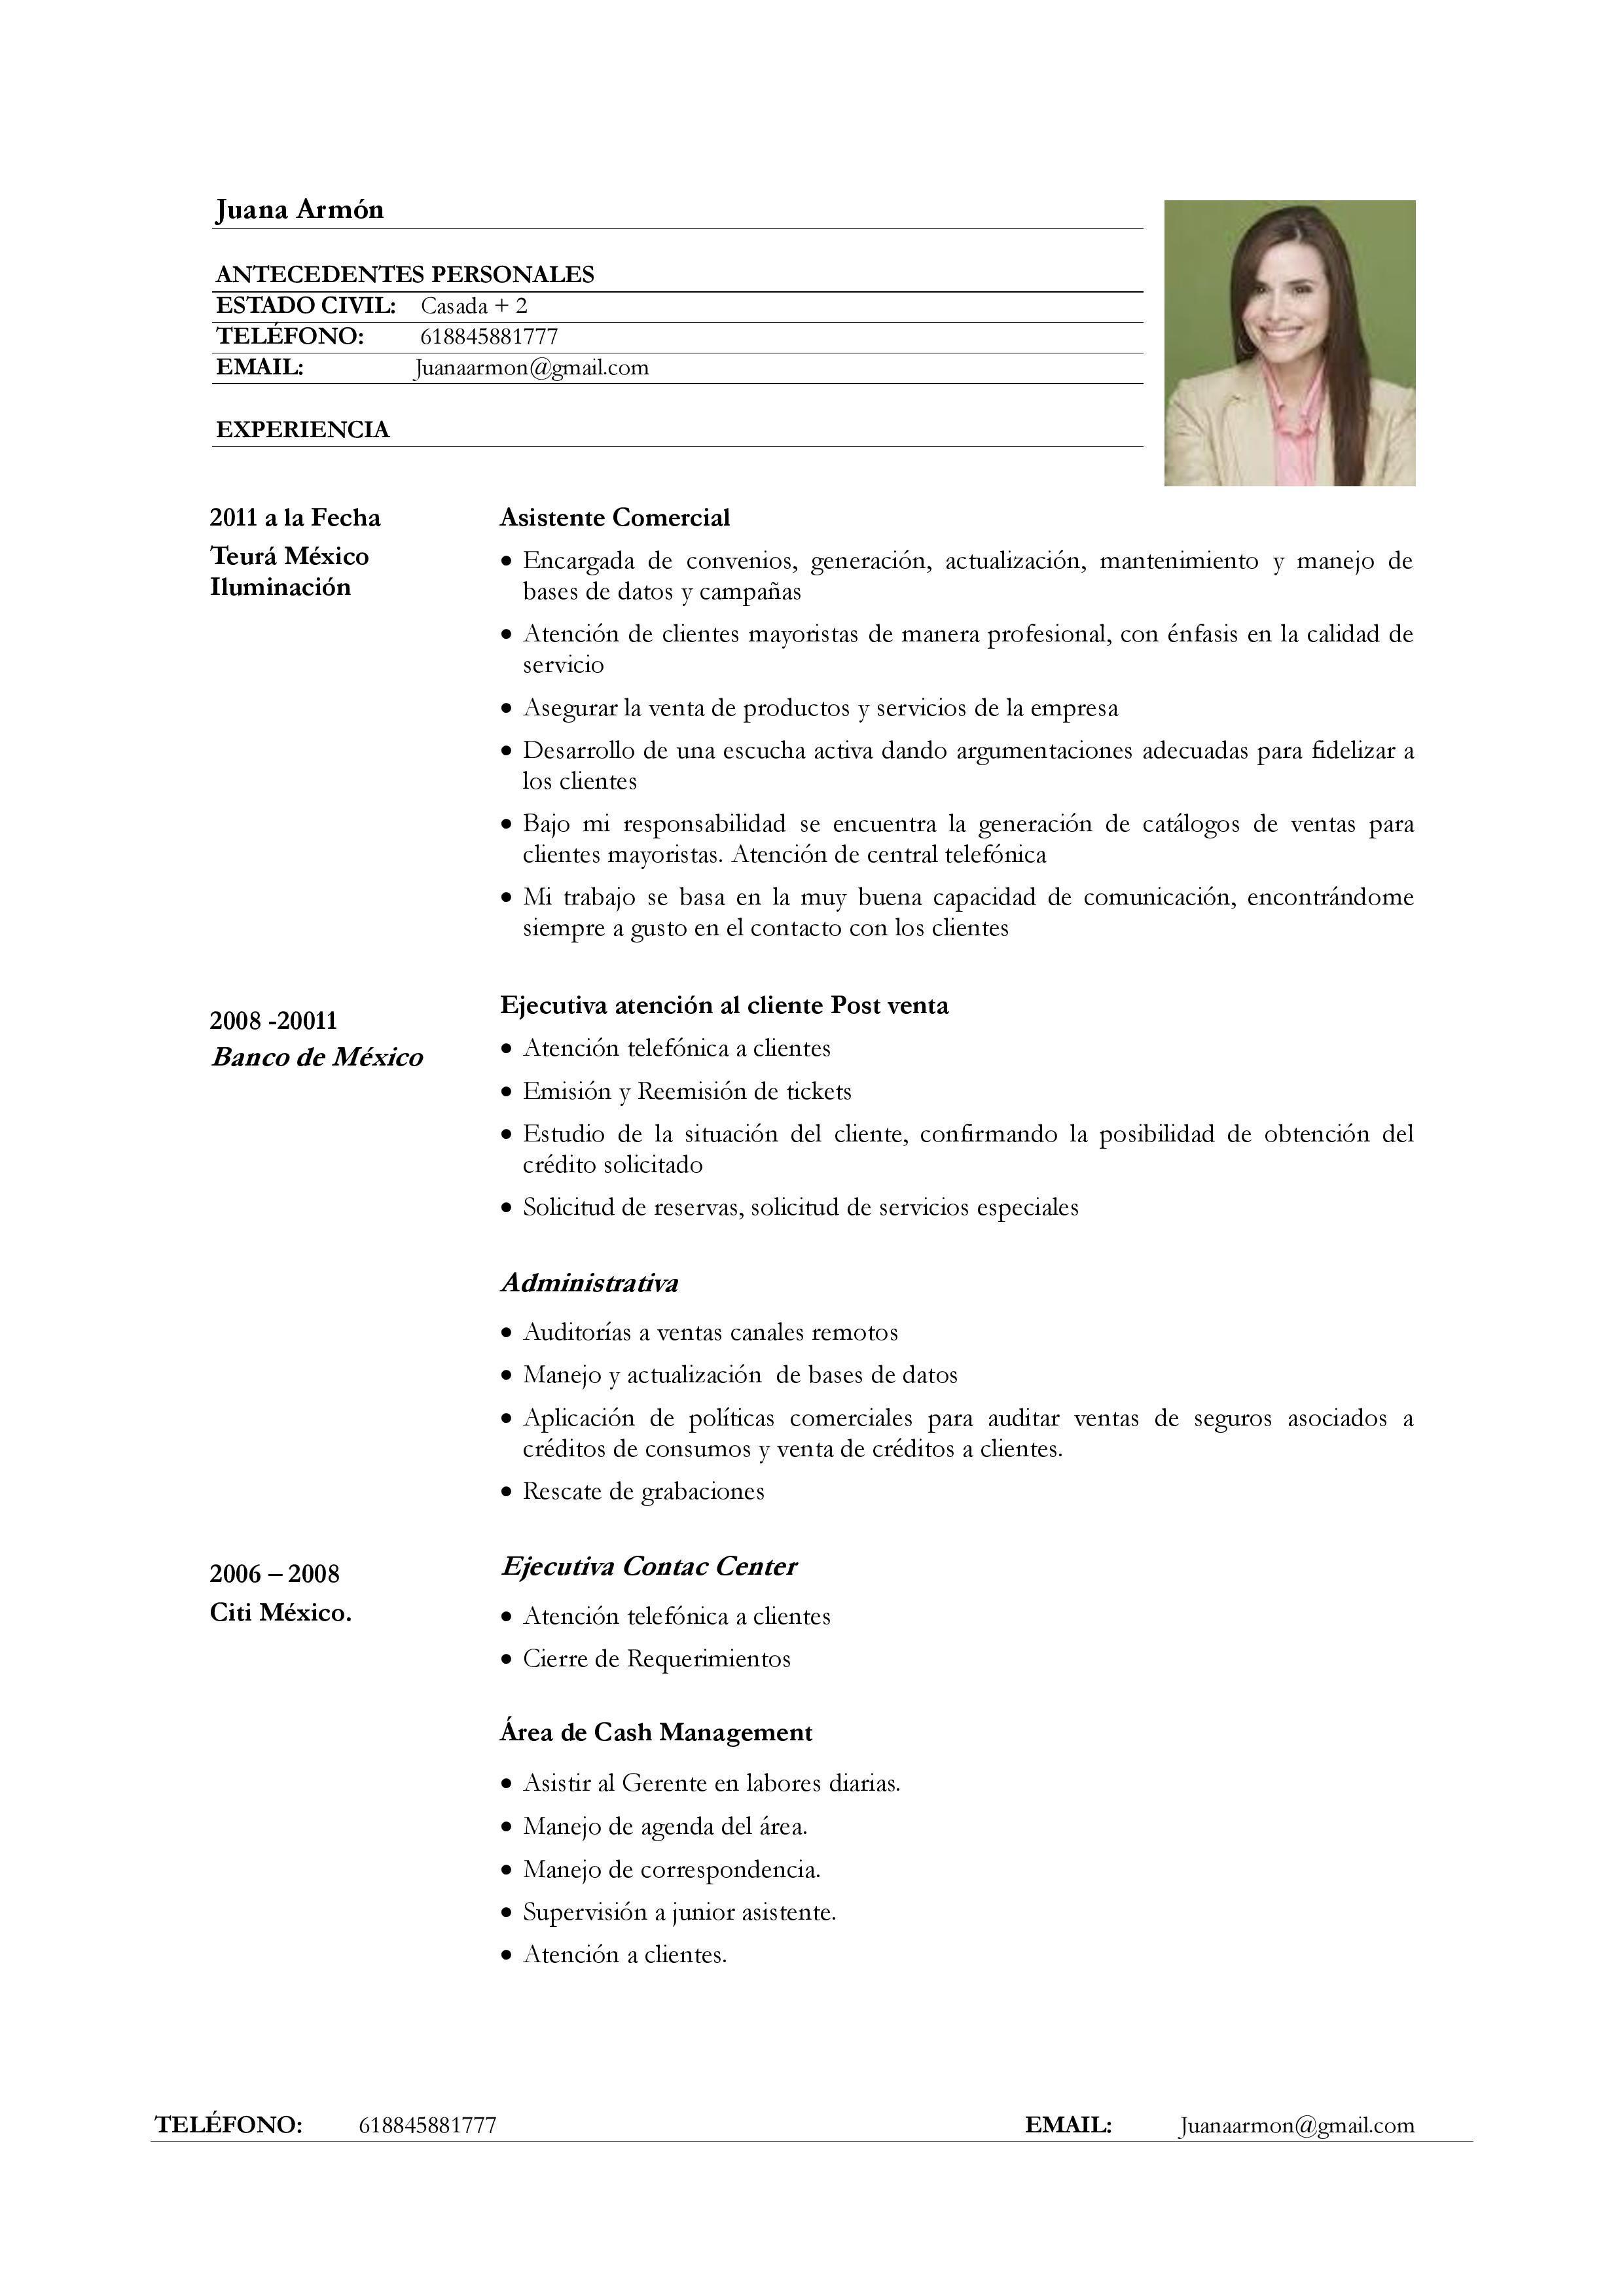 Ejemplo de Currículum vitae para servicio de atención al cliente ...